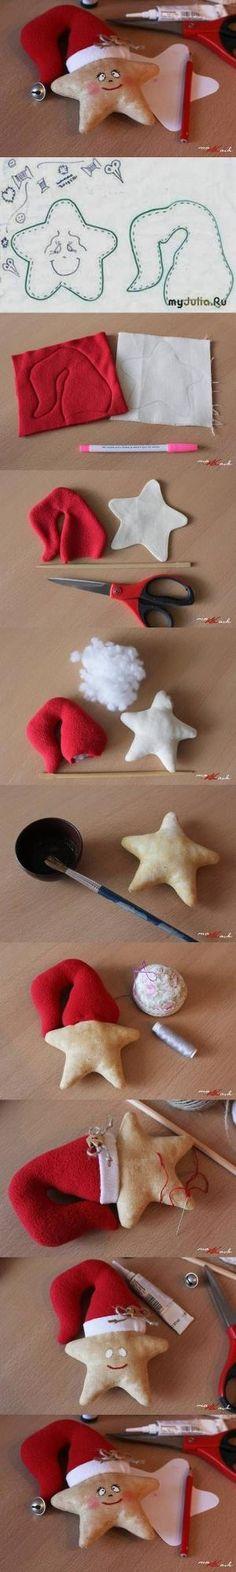 DIY Красивая звезда рождественские украшения DIY Красивая звезда рождественские украшения на dill.pixel.5